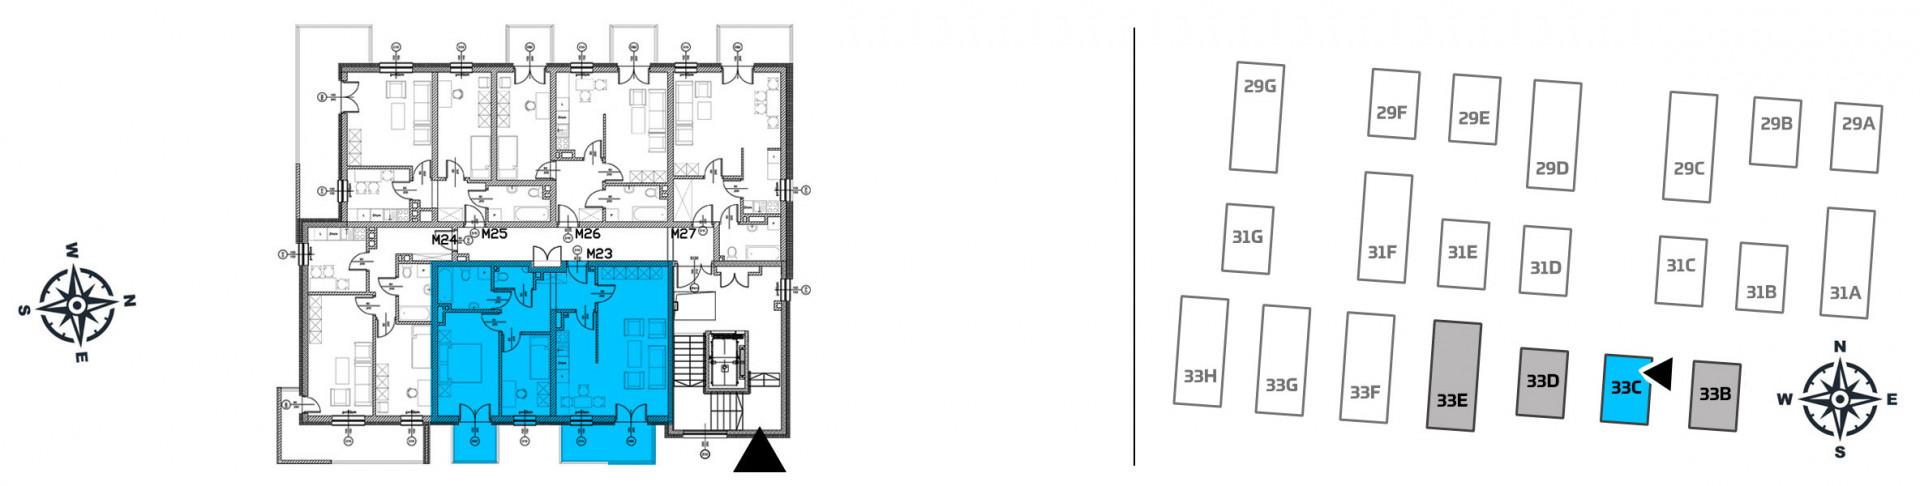 Mieszkanie trzypokojowe 33C/23 rzut 2